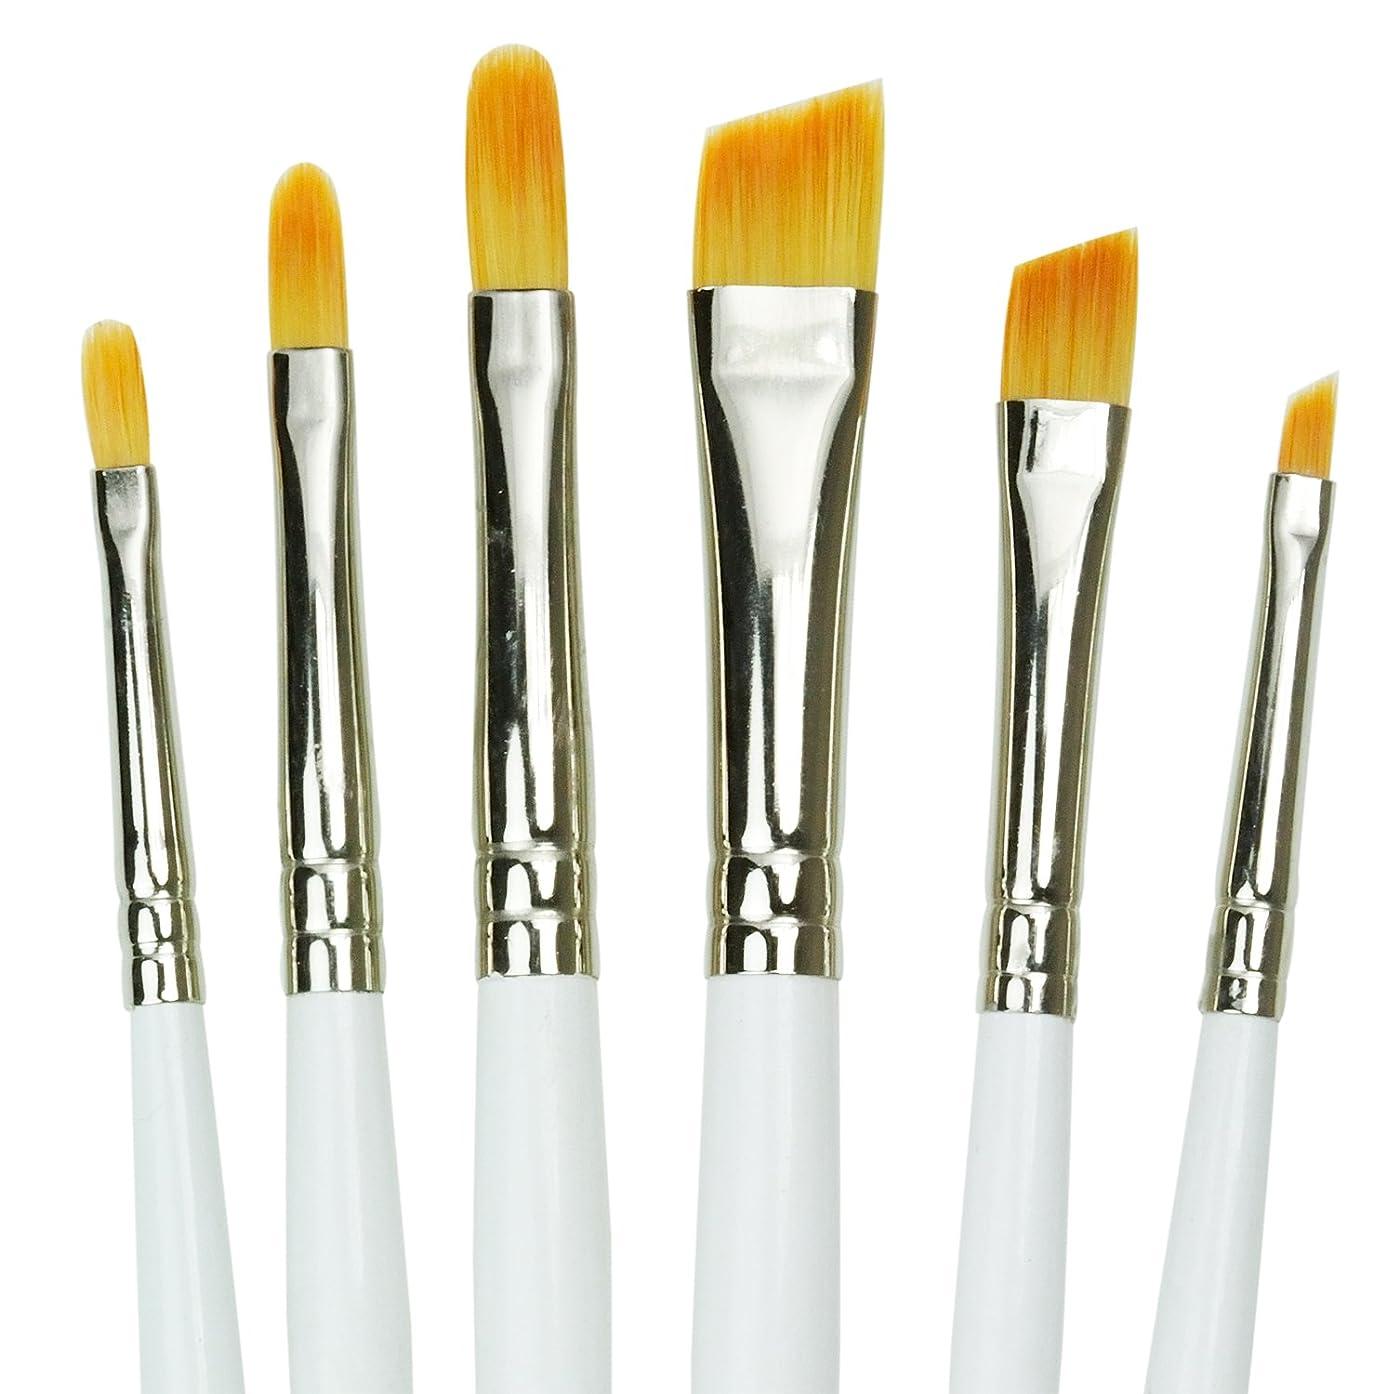 Royal Gold Royal and Langnickel Short Handle Paint Brush Set, Filbert and Angular, 6-Piece